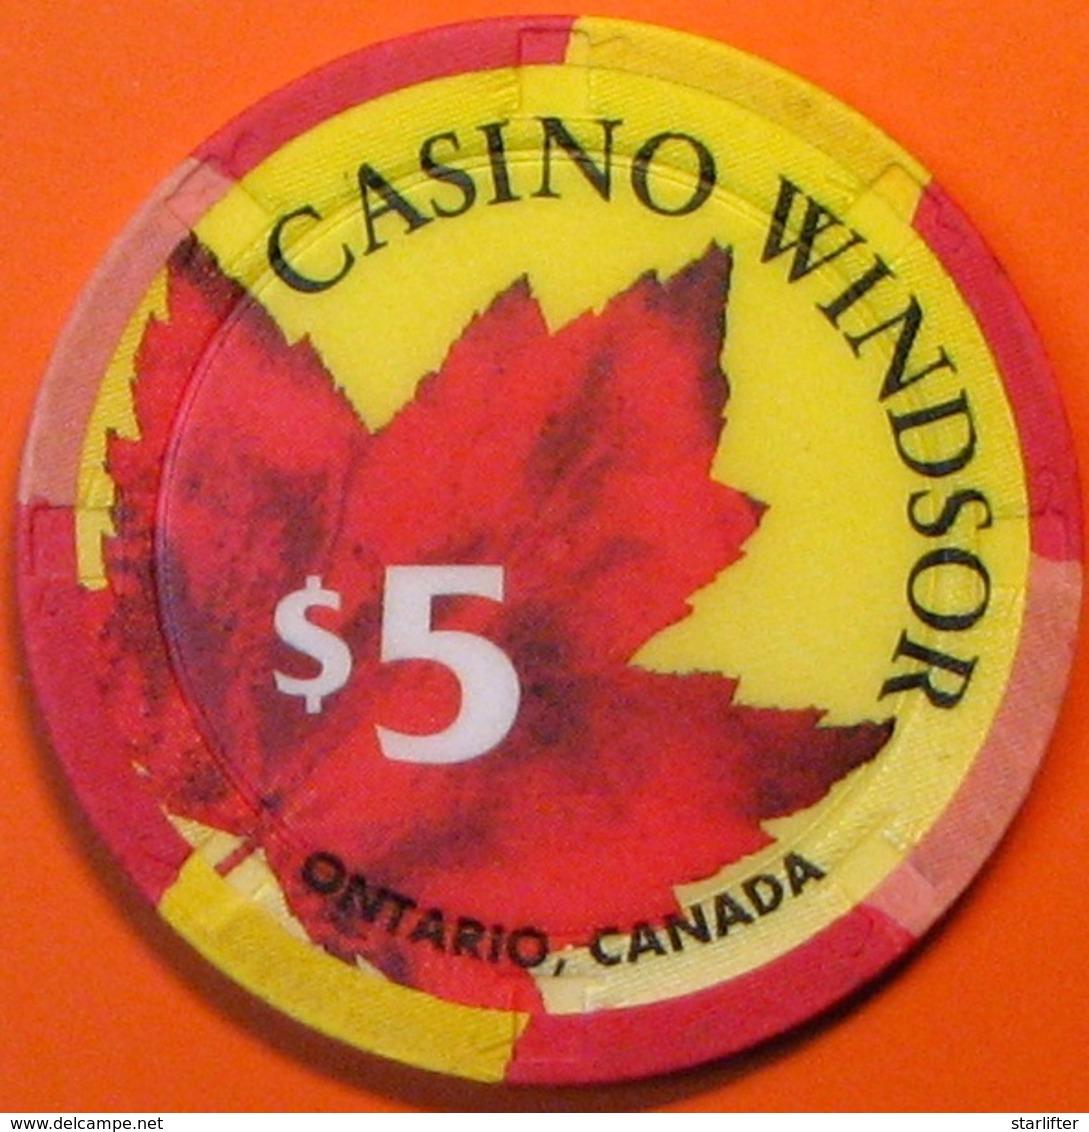 $5 Casino Chip. Casino Windsor, Ontario, Canada. M98. - Casino